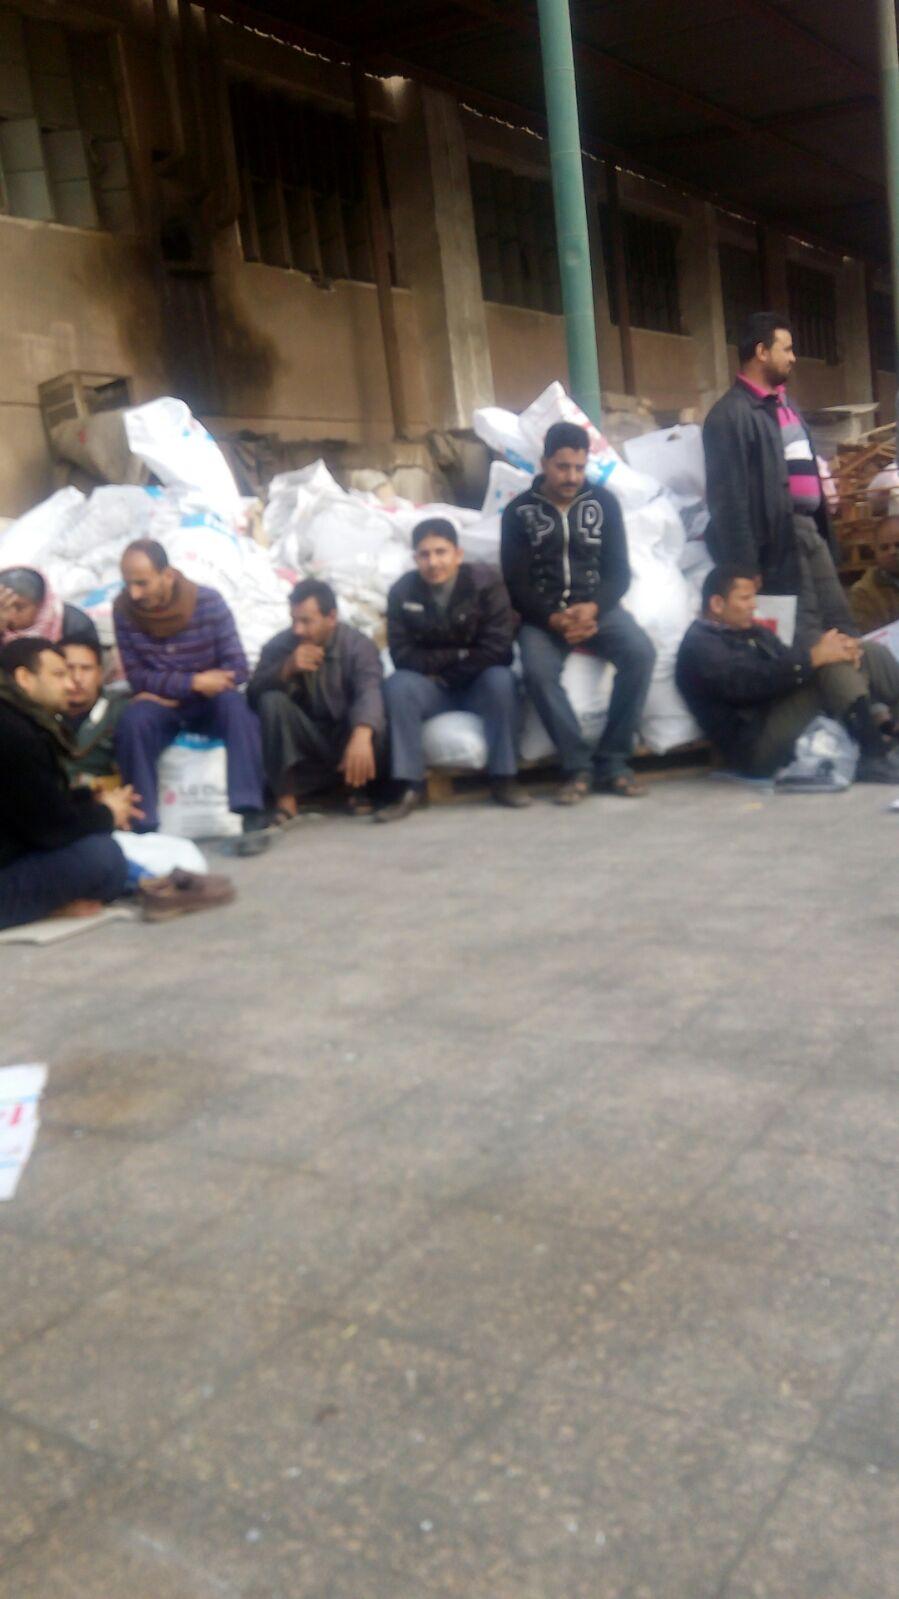 بالصور.. إضراب عمالي في كبرى شركات صناعة البلاستيك بالعاشر من رمضان